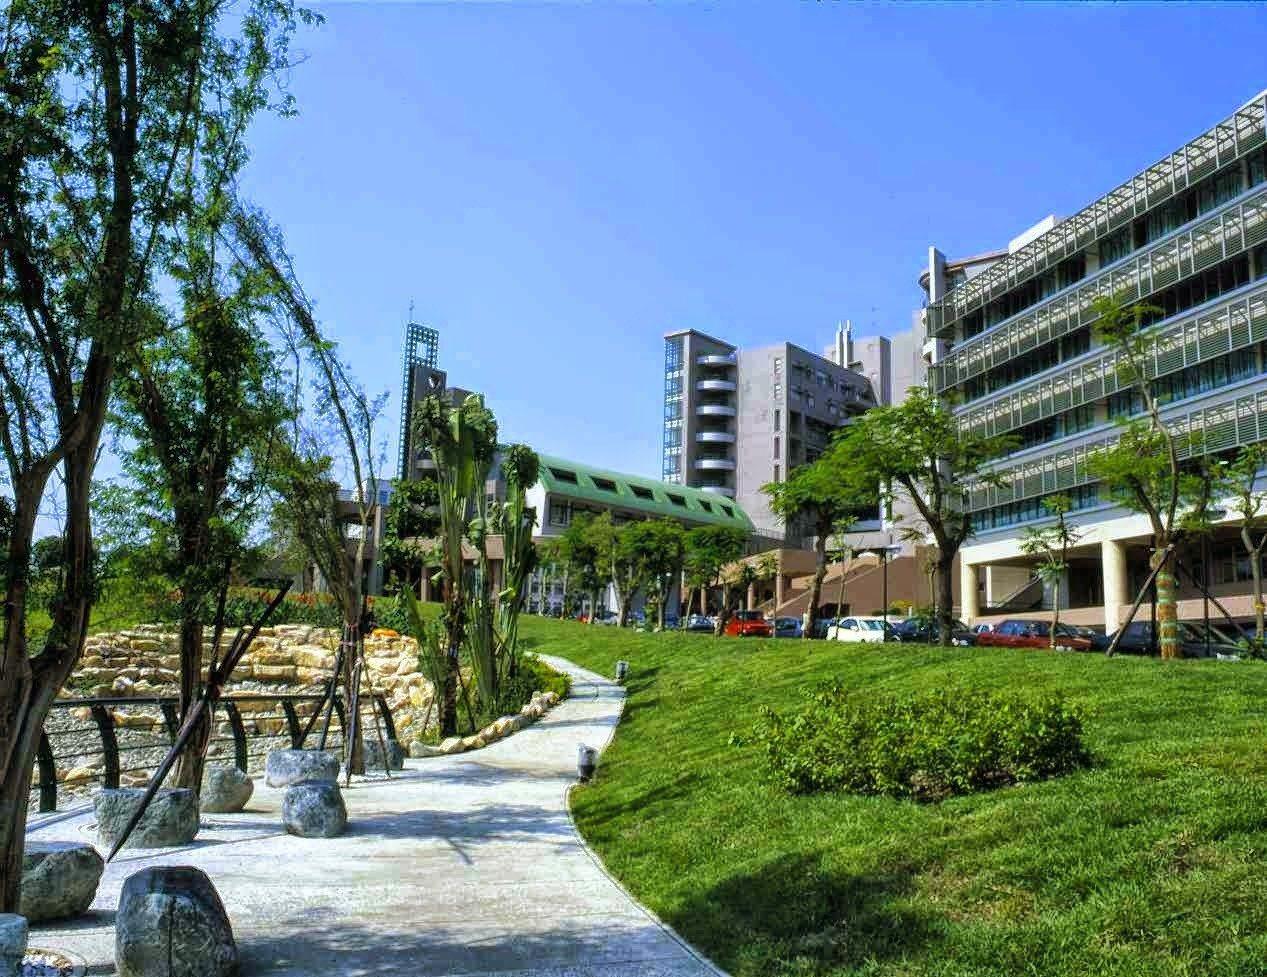 高雄樹德科技大學以設計科系見長,校區面積總計40公頃。圖/翻攝學校官網